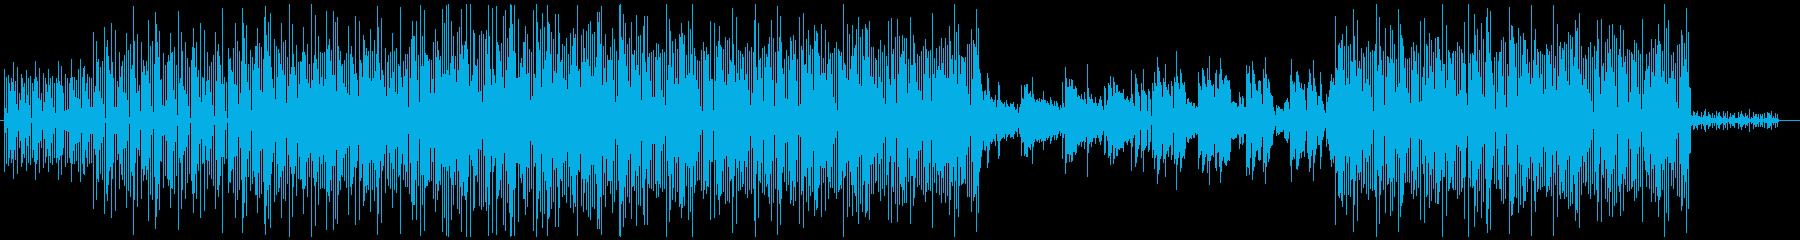 ※ドラム無 ボサノバ風キュートなエレクトの再生済みの波形